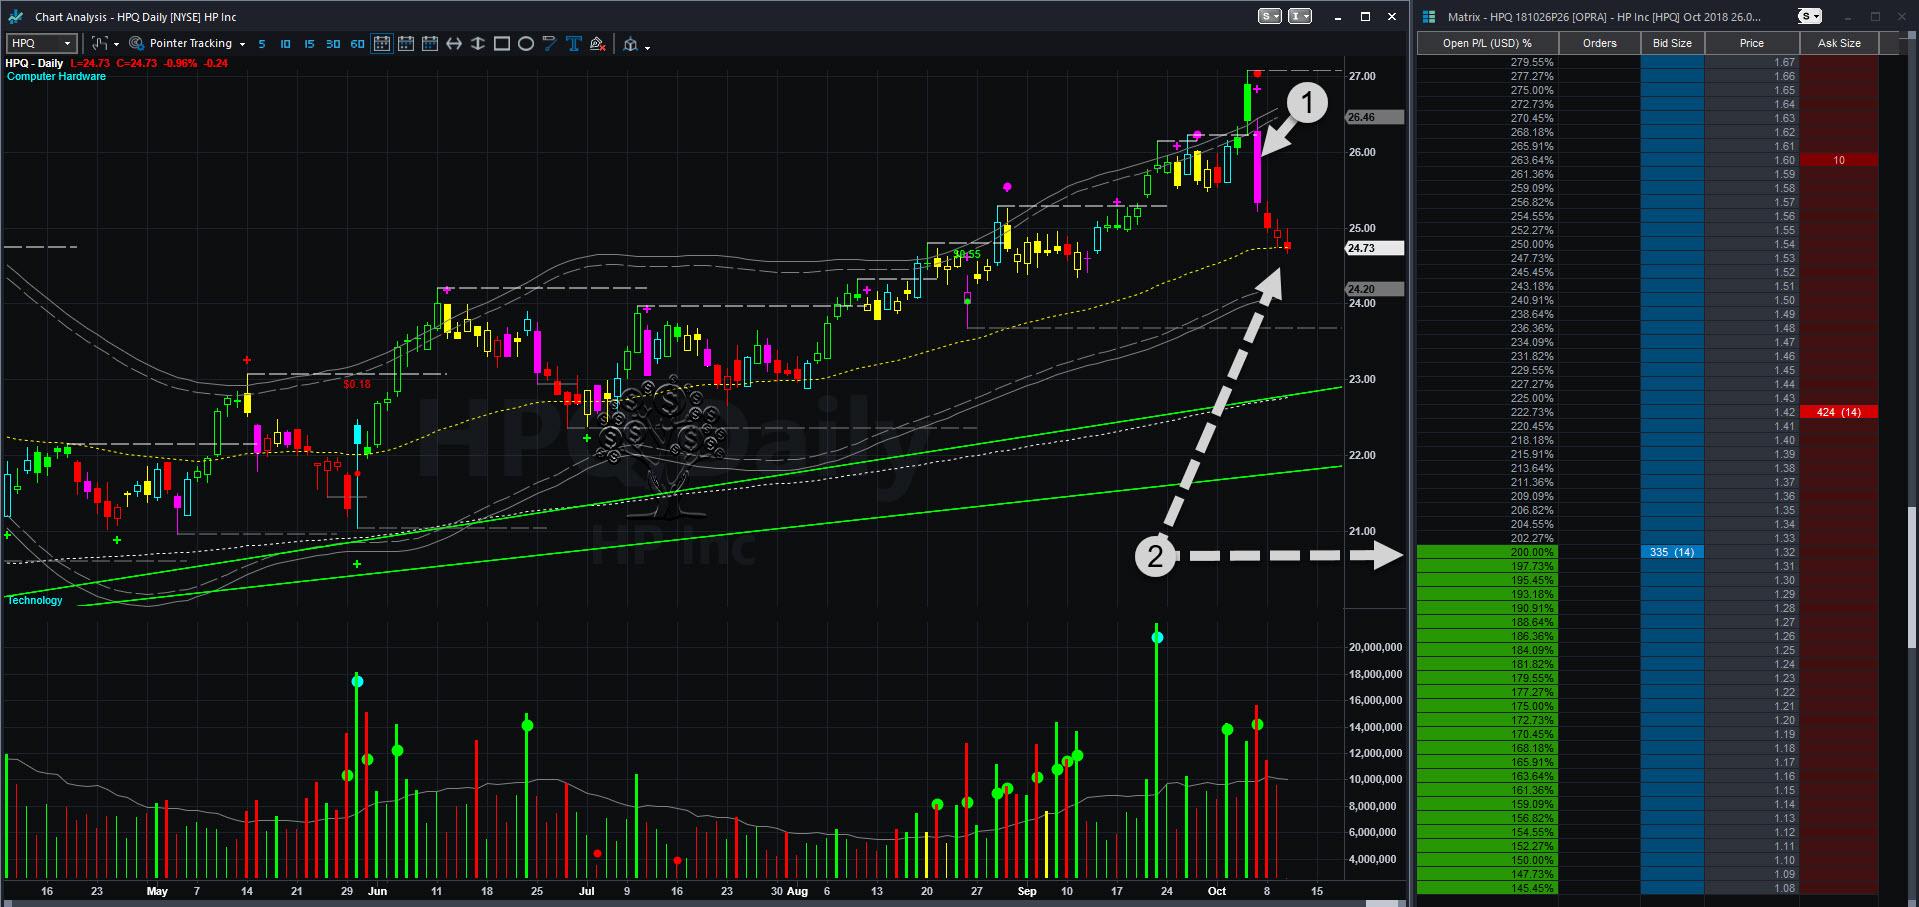 hpq chart 2018-10-10_11-16-59.jpg